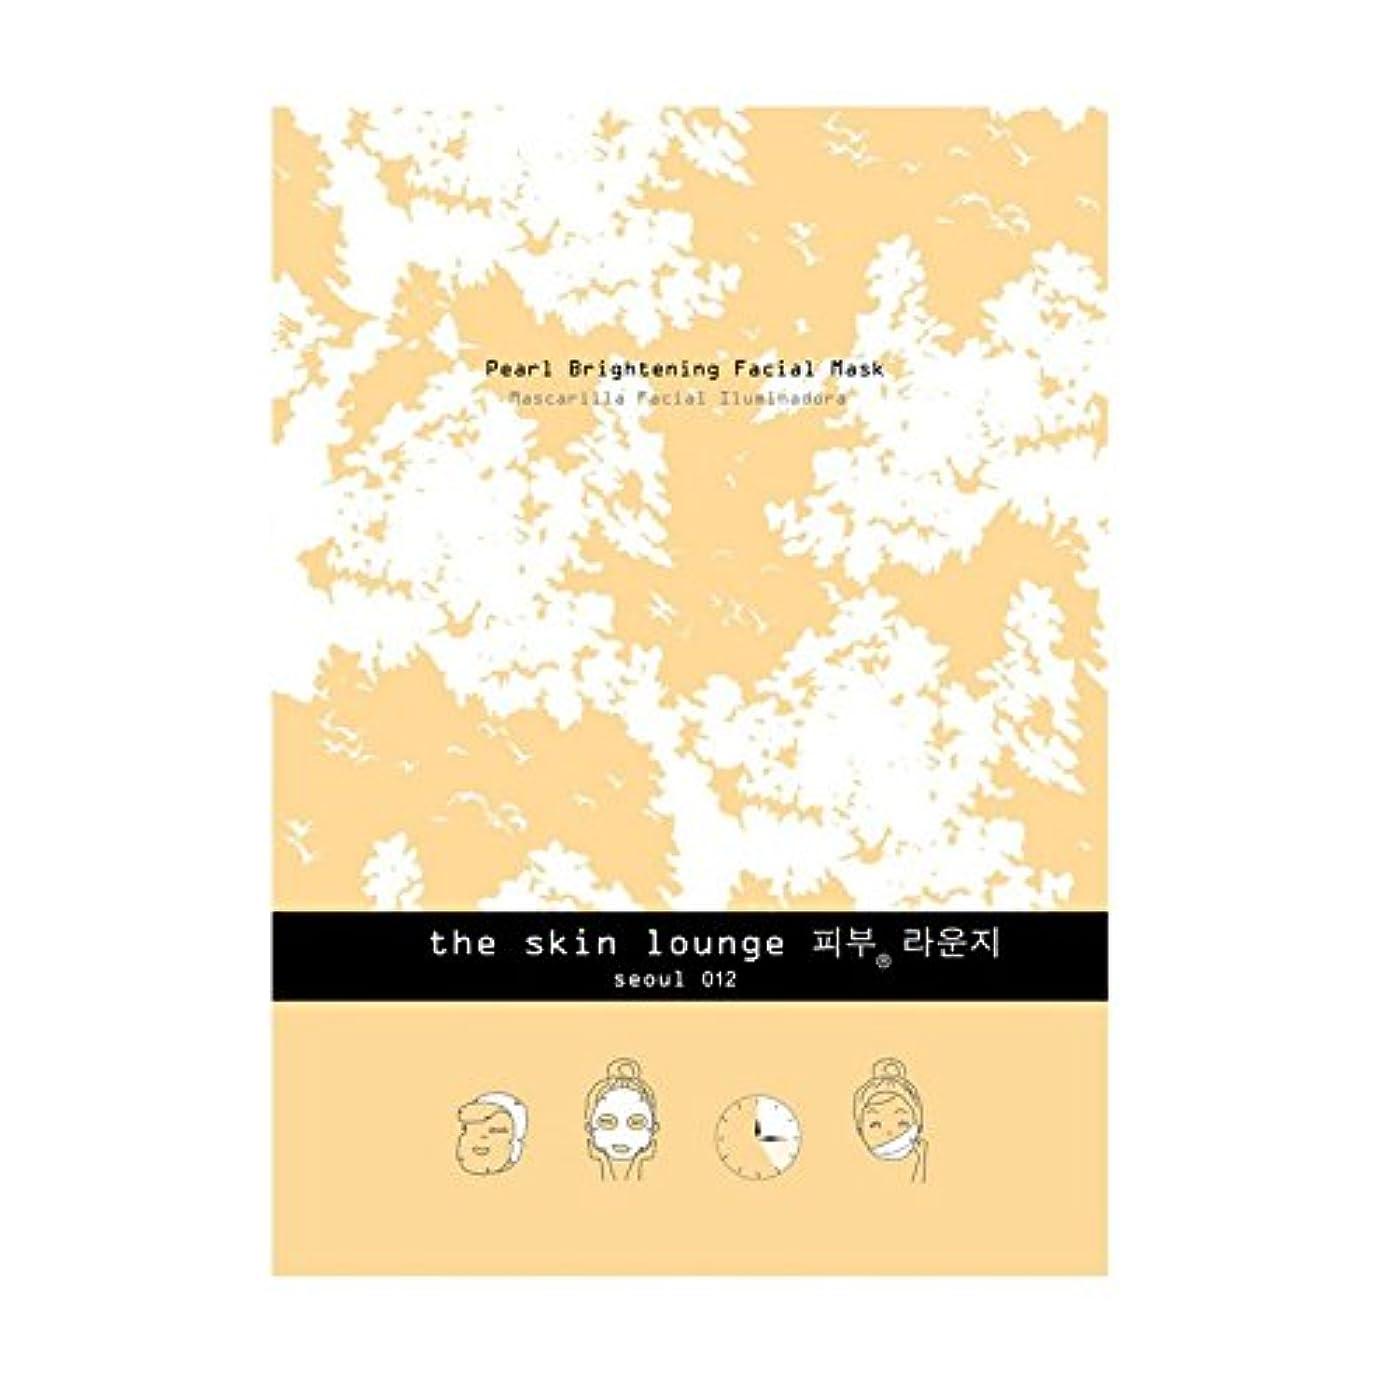 バインド安息目を覚ます単一セルロースマスクを明るく皮膚ラウンジ真珠 x4 - The Skin Lounge Pearl Brightening Single Cellulose Mask (Pack of 4) [並行輸入品]